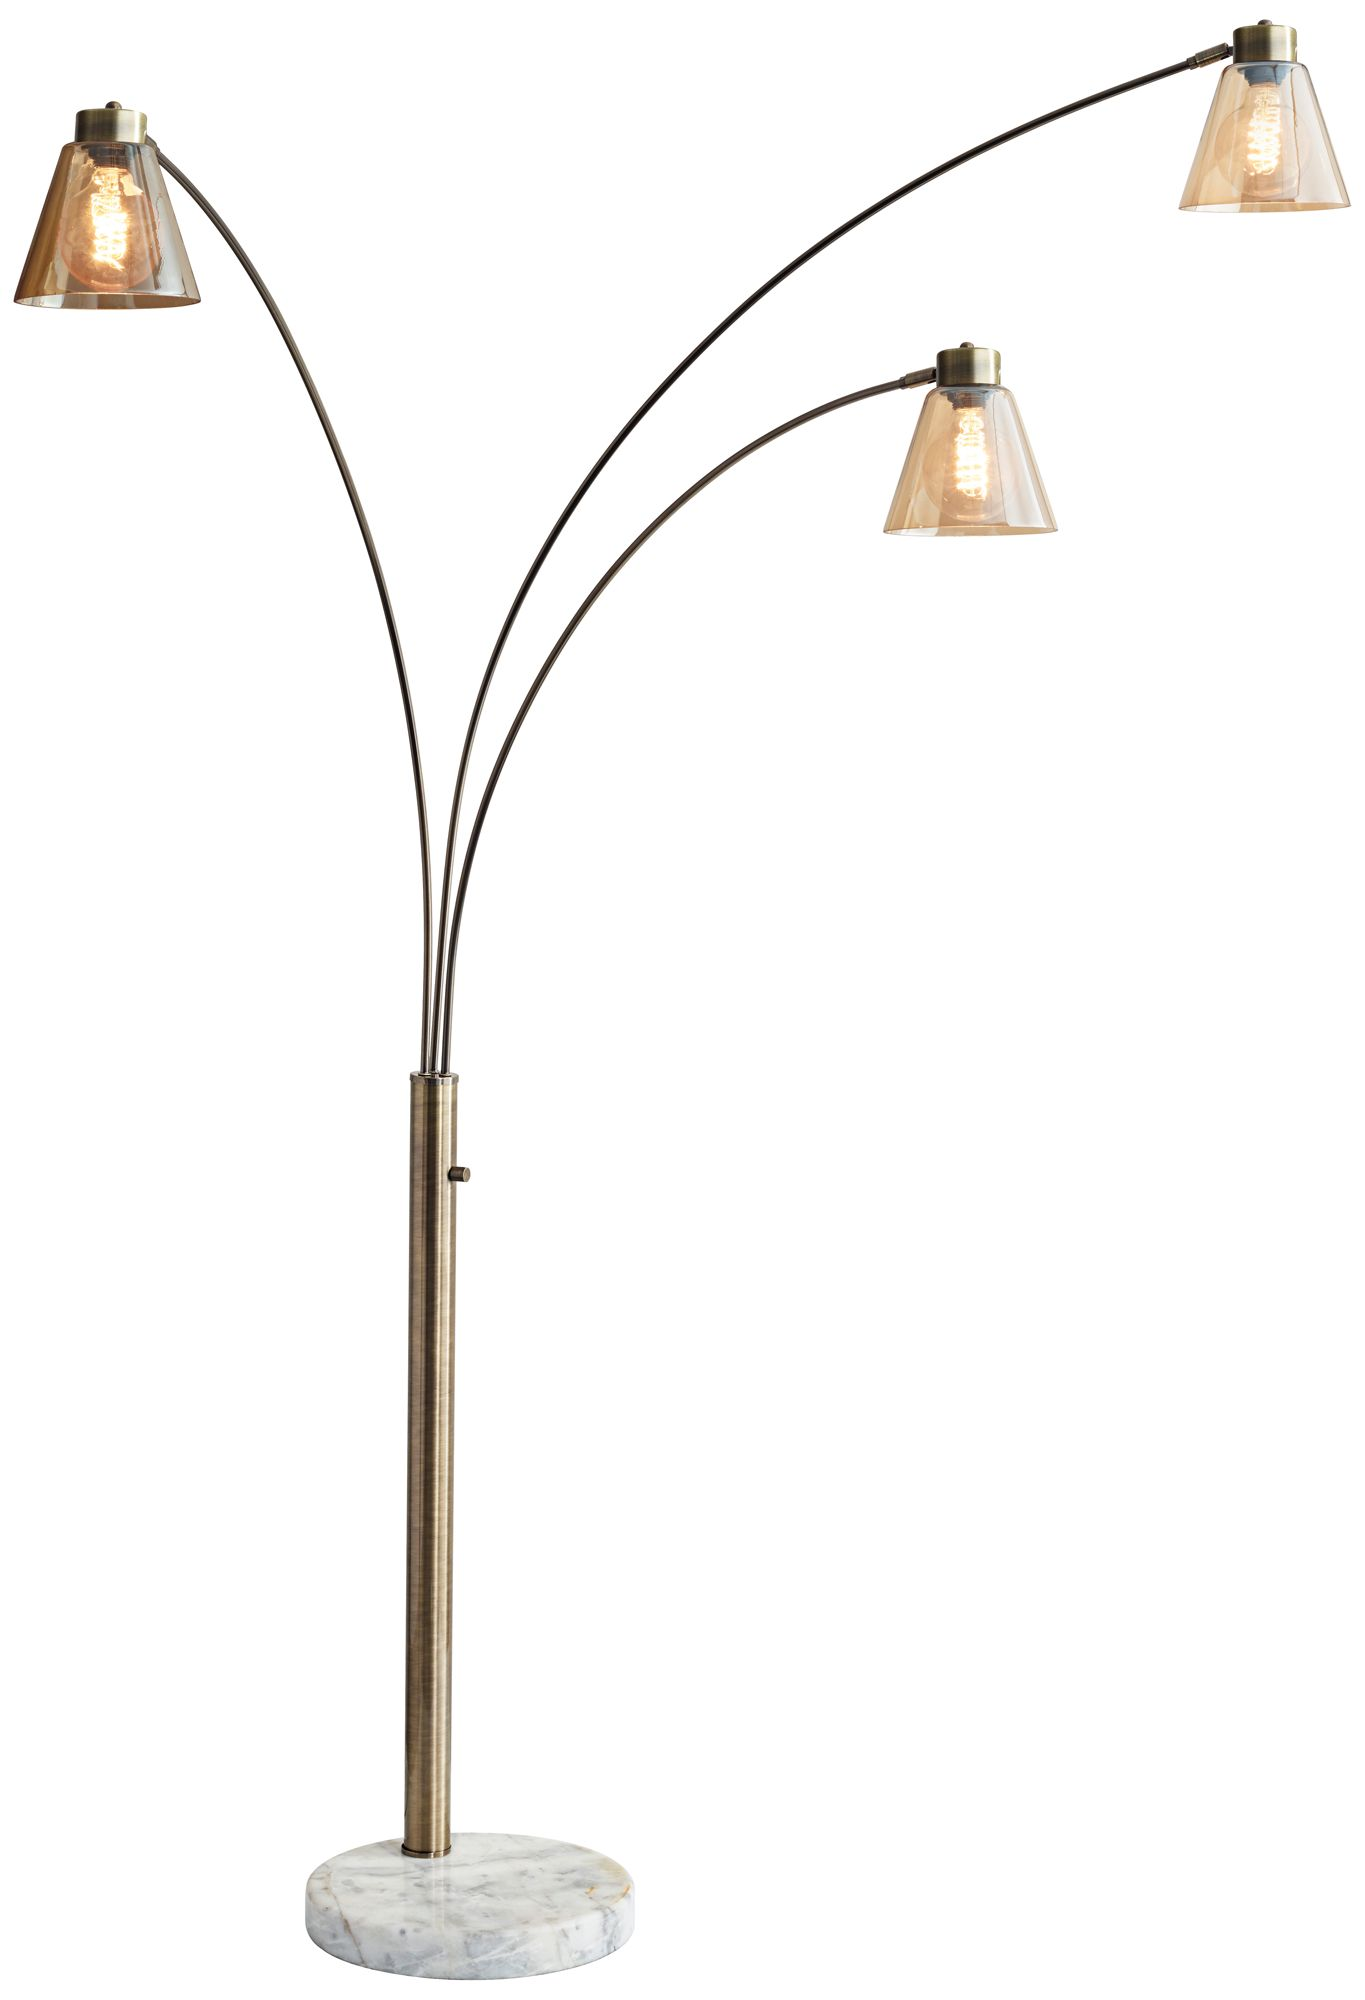 sienna antique brass adjustable 3arm arc floor lamp